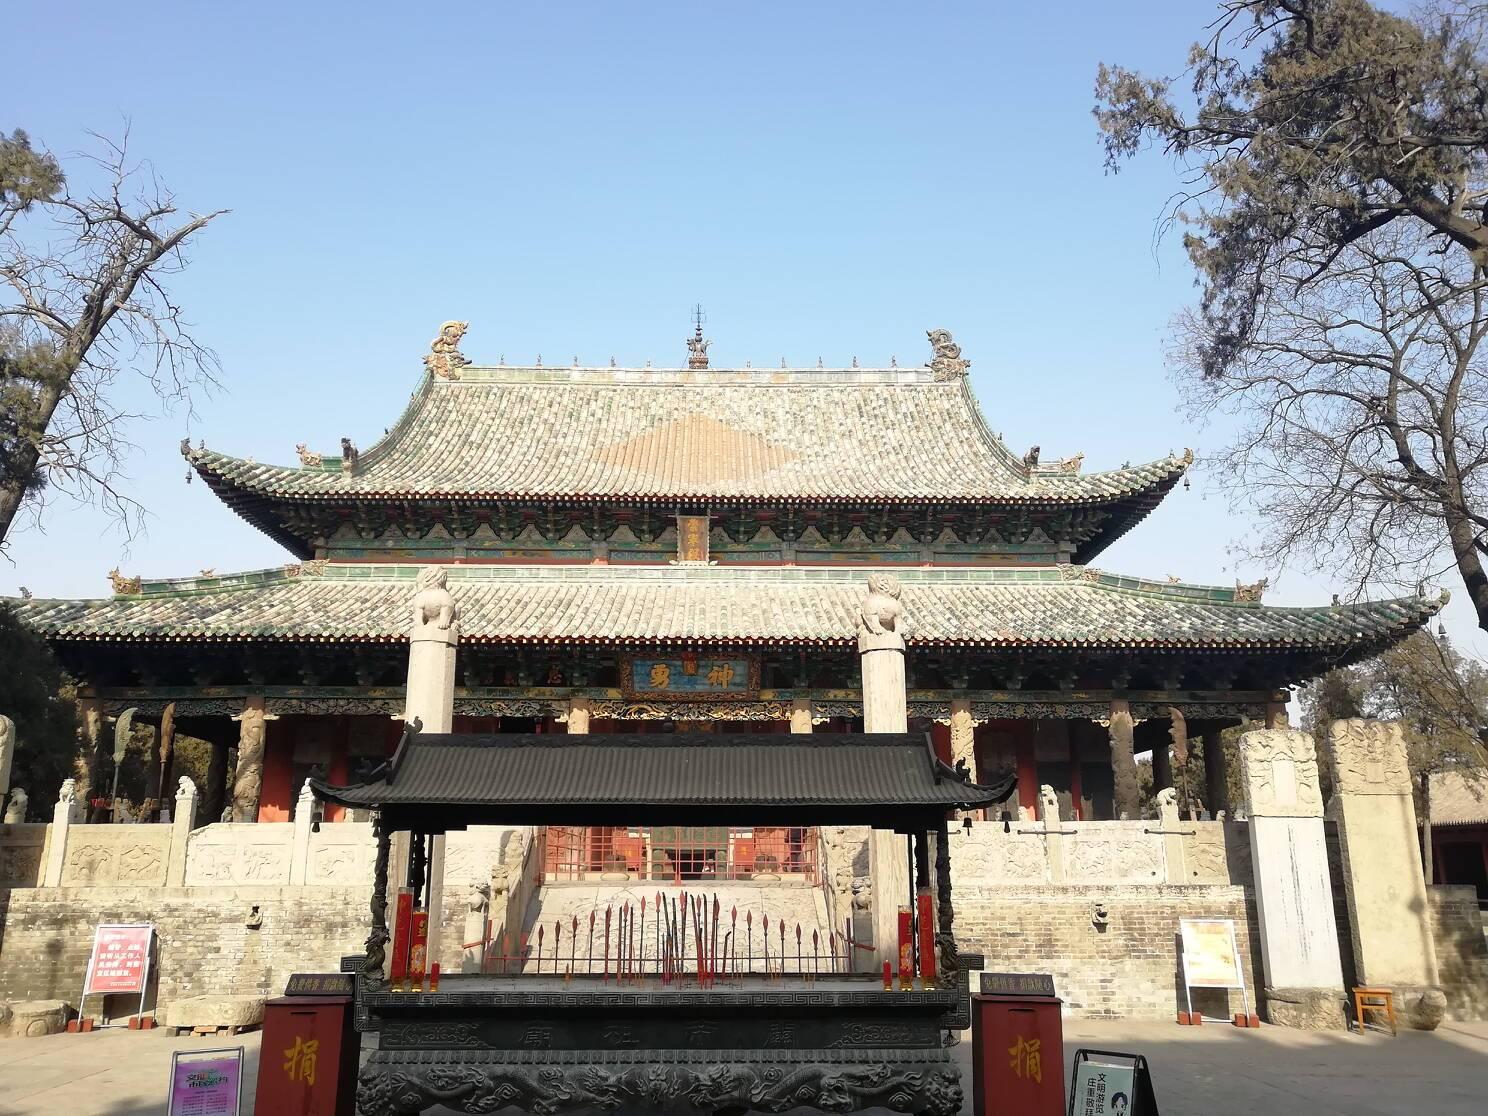 中国关帝庙千千万,为什么最大的关帝庙一间房子有那么多匾额?